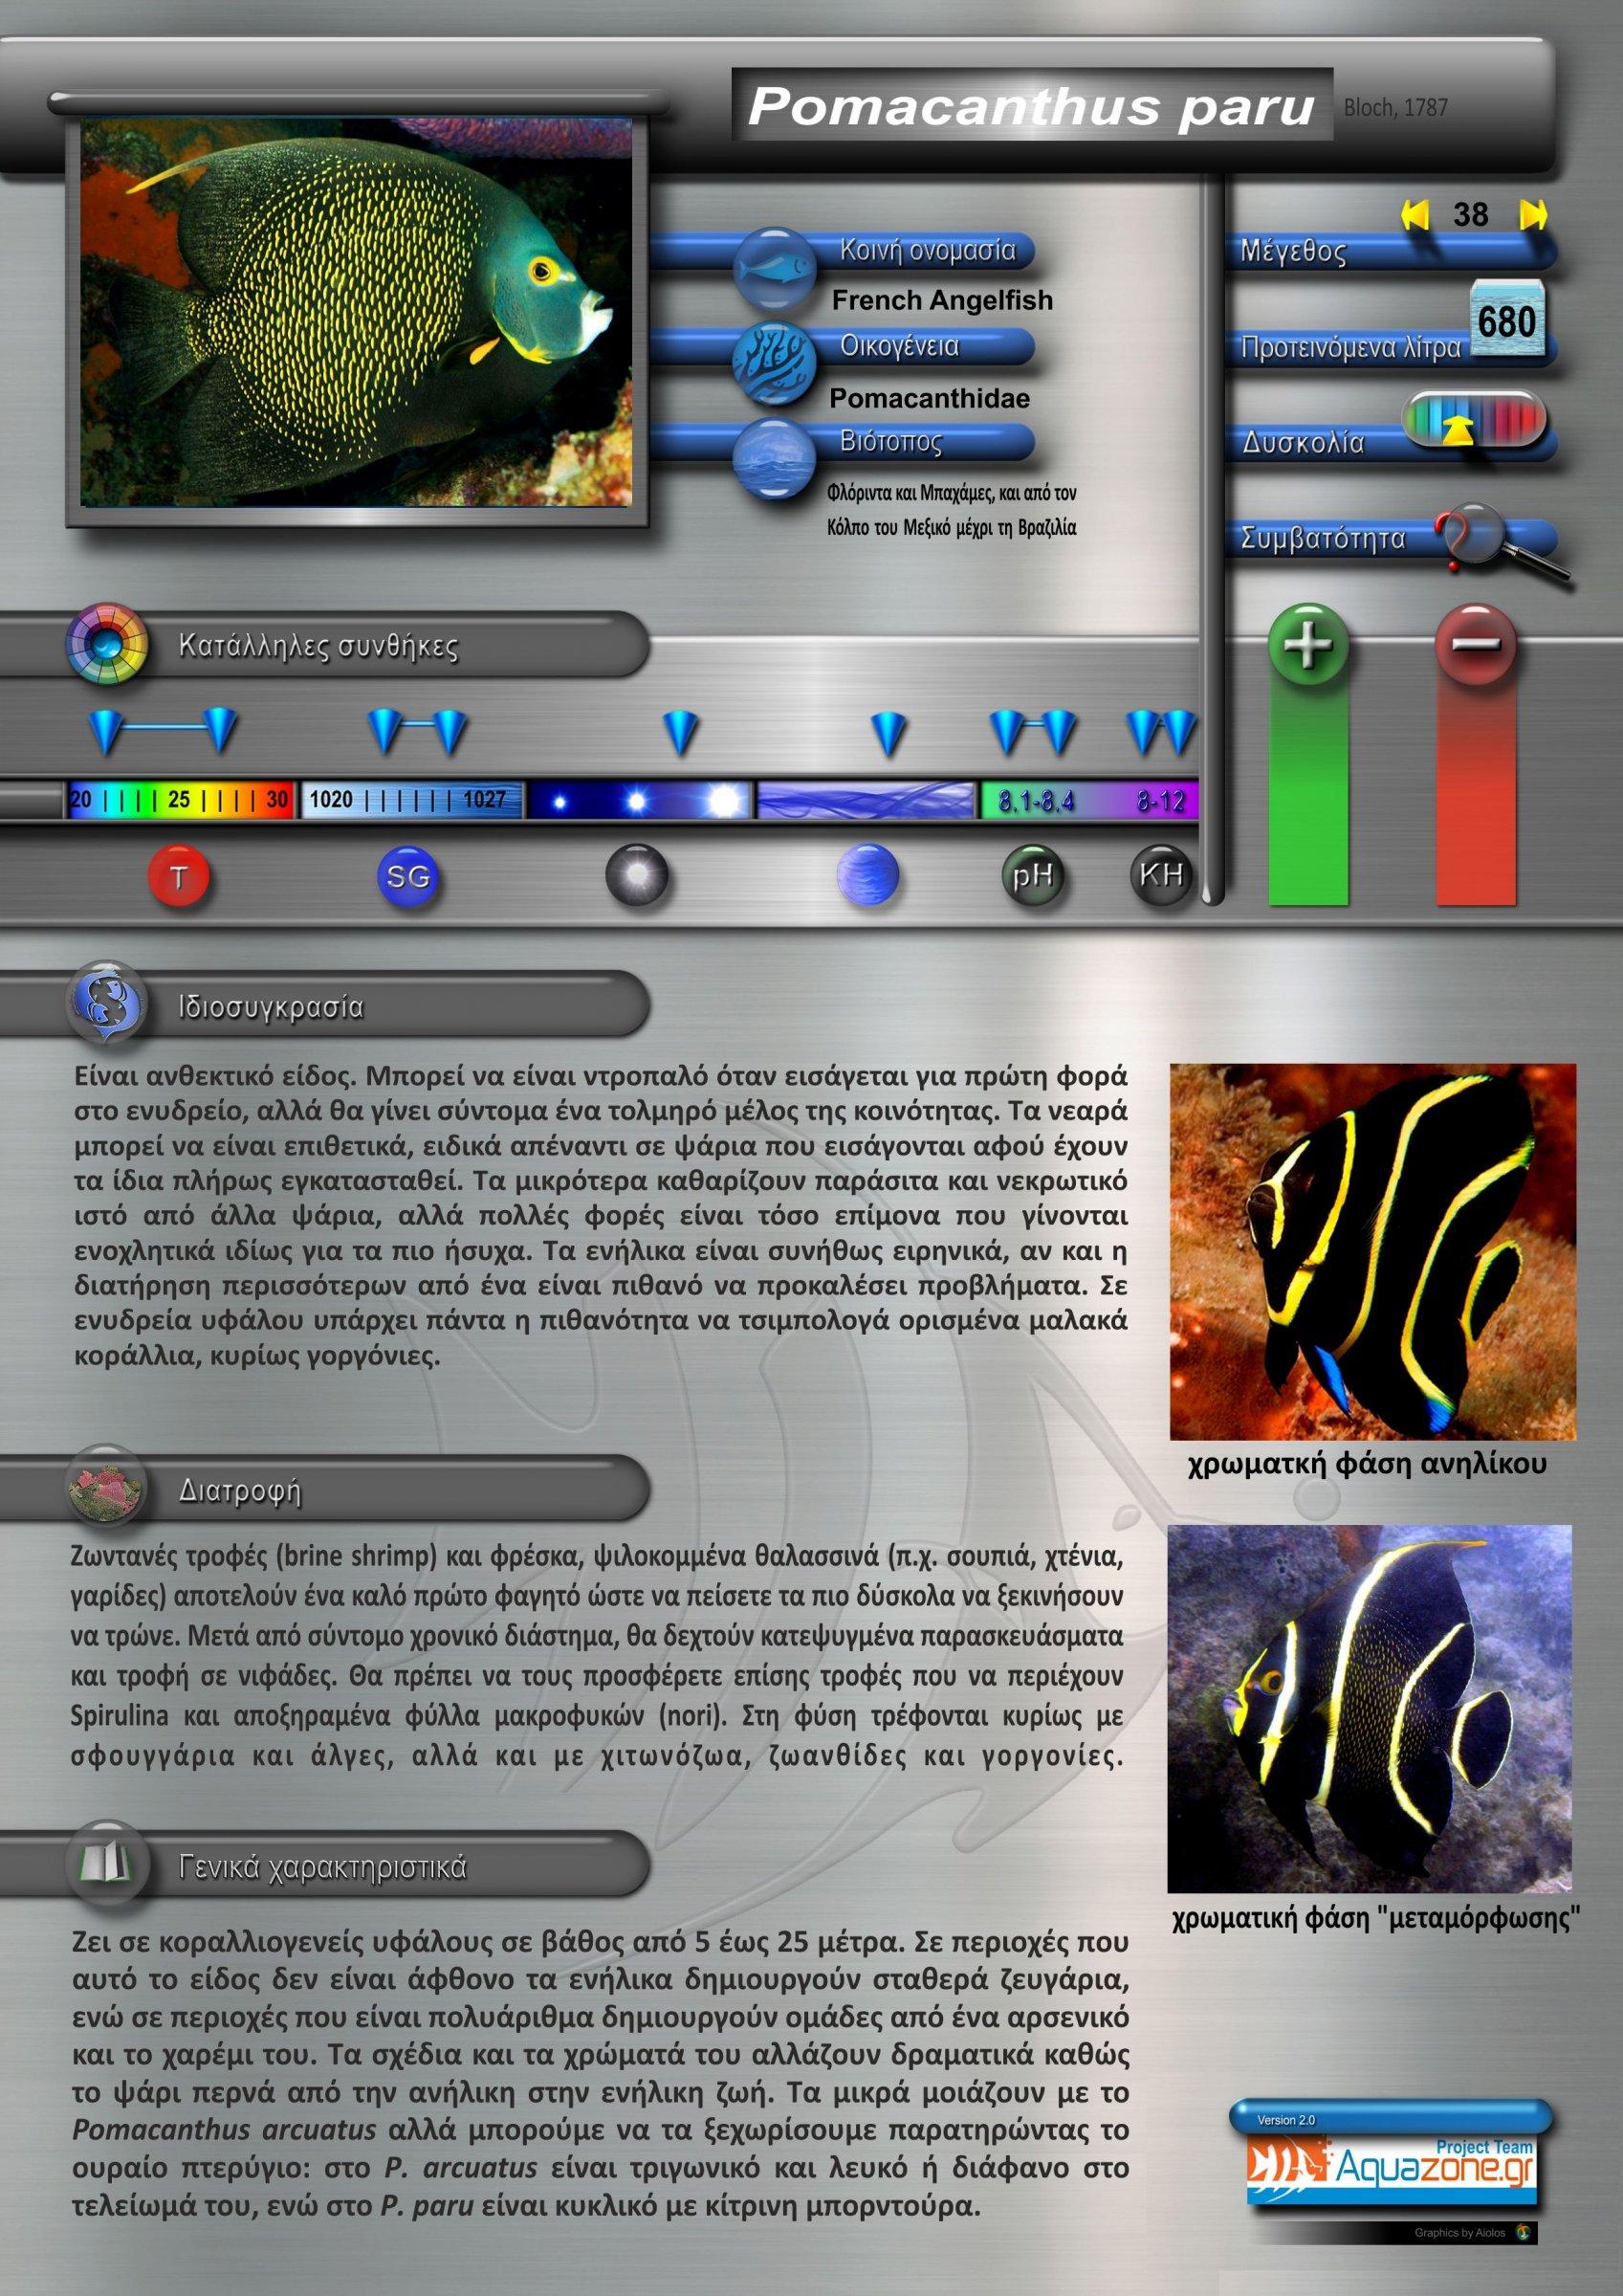 Pomacanthus paru.jpg